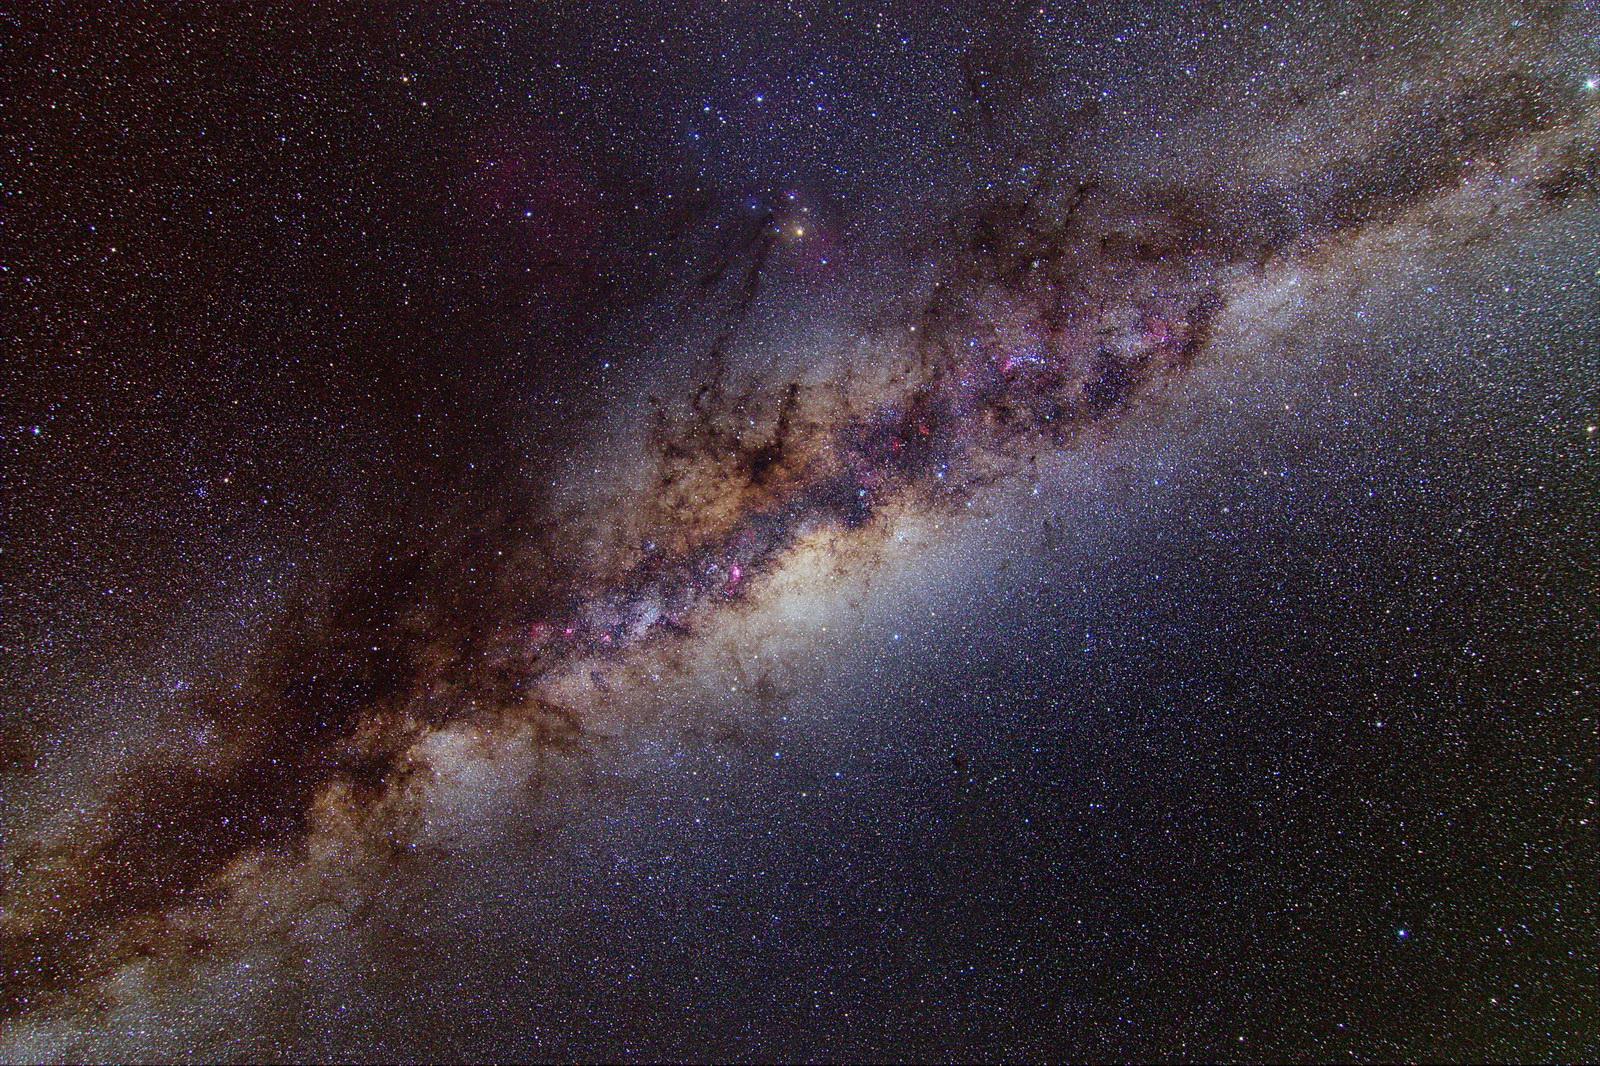 Astrofotos Hermann Von Eiff Kiripotib Astrofarm